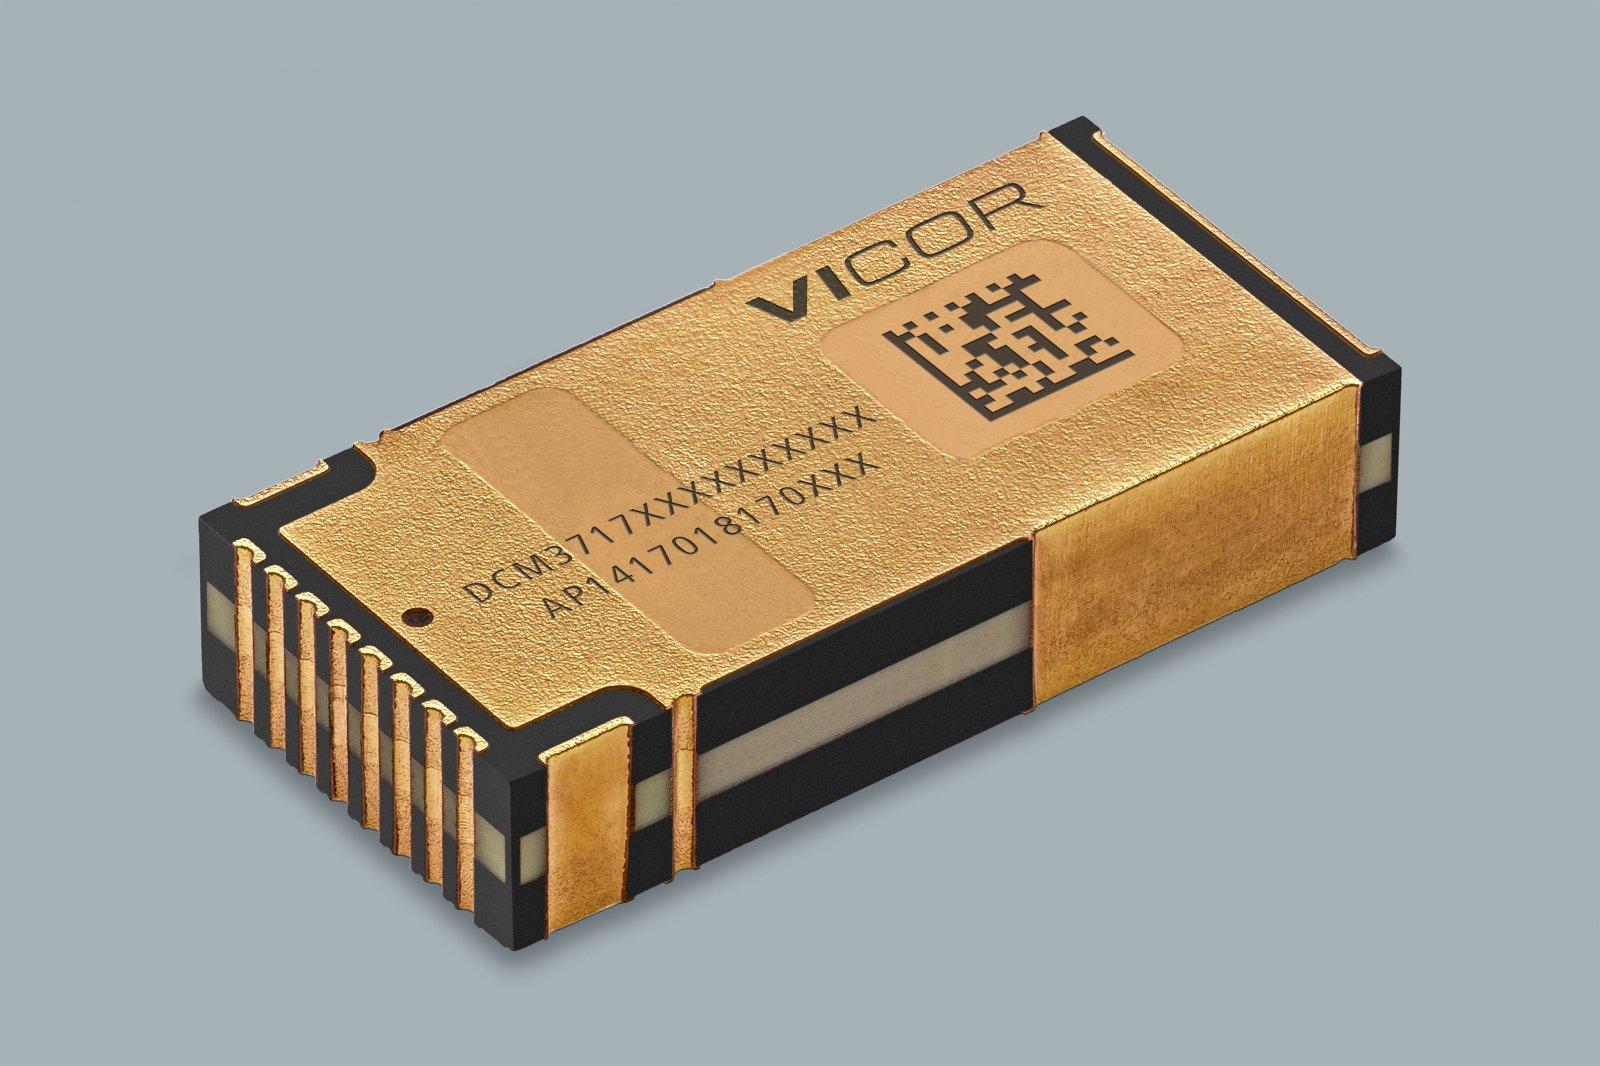 Vicor представляет DCM3717 – преобразователь мощностью 750 Вт 48/12 В с регулируемым выходным напряжением и пиковым КПД, равным 97%